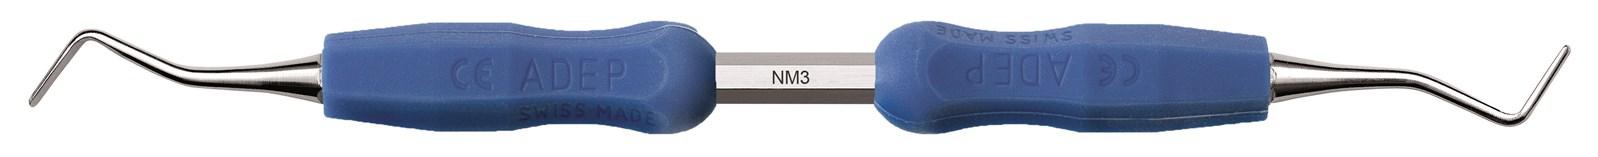 Lžičkové dlátko - NM3, ADEP tmavě zelený